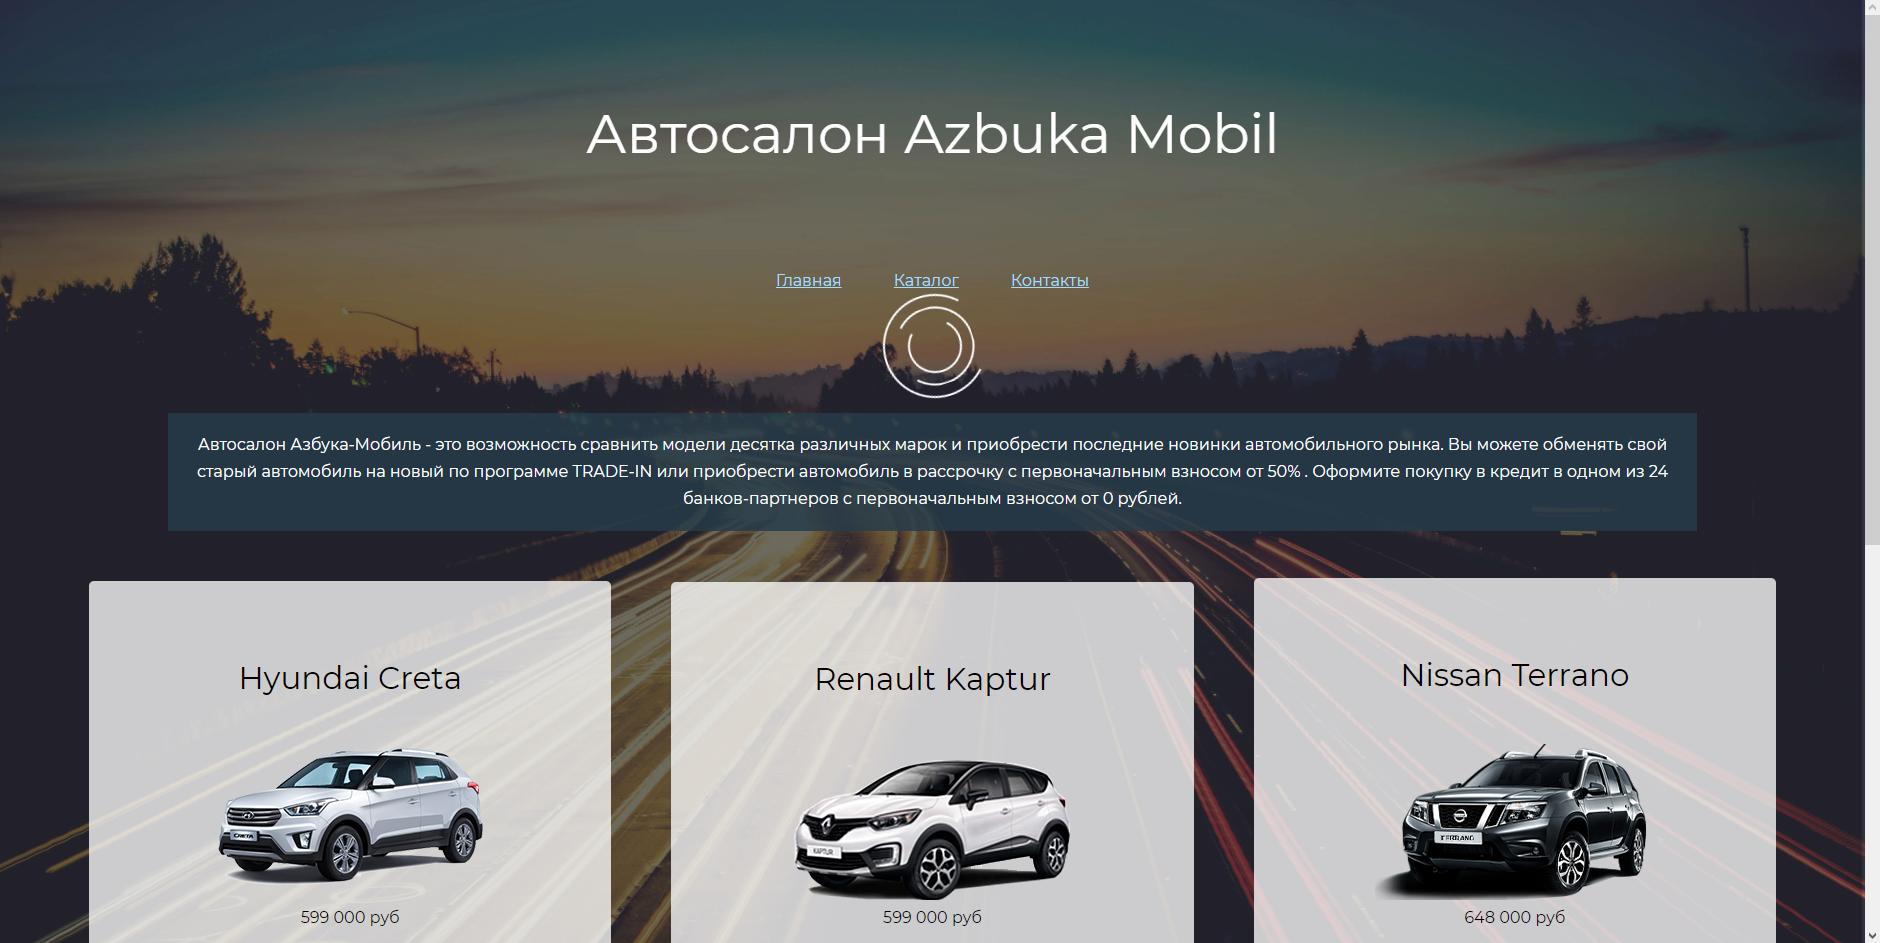 Официальный сайт Azbuka-Mobil